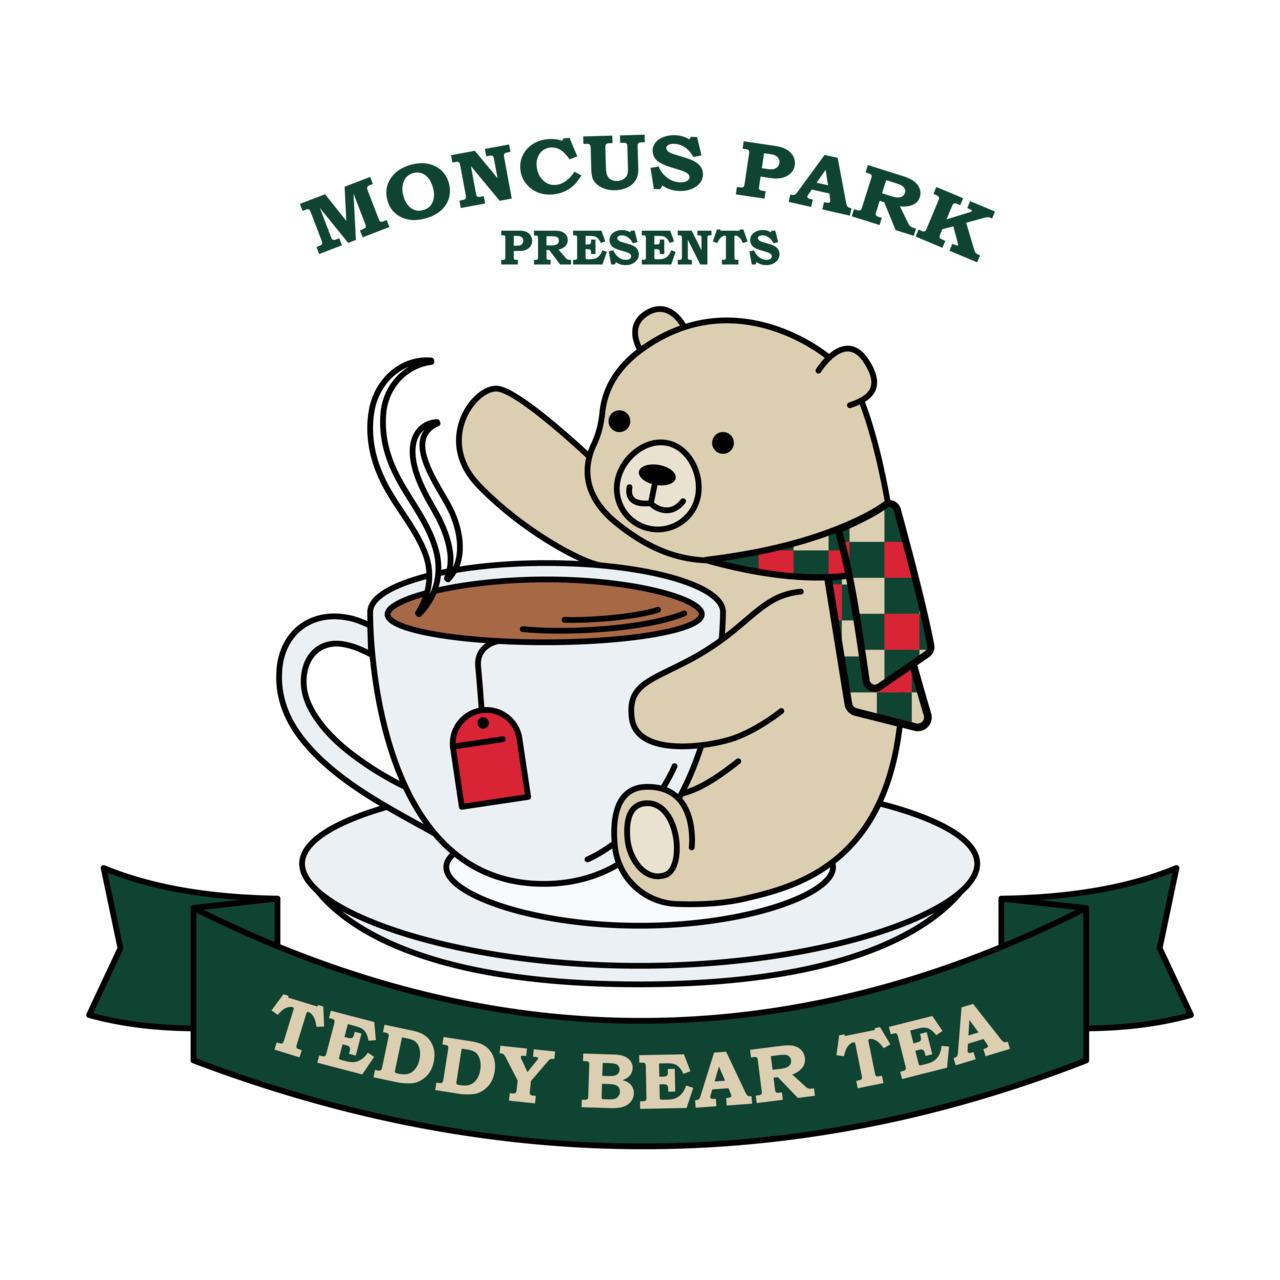 2021 - Teddy Bear Tea 10:30 AM Seating